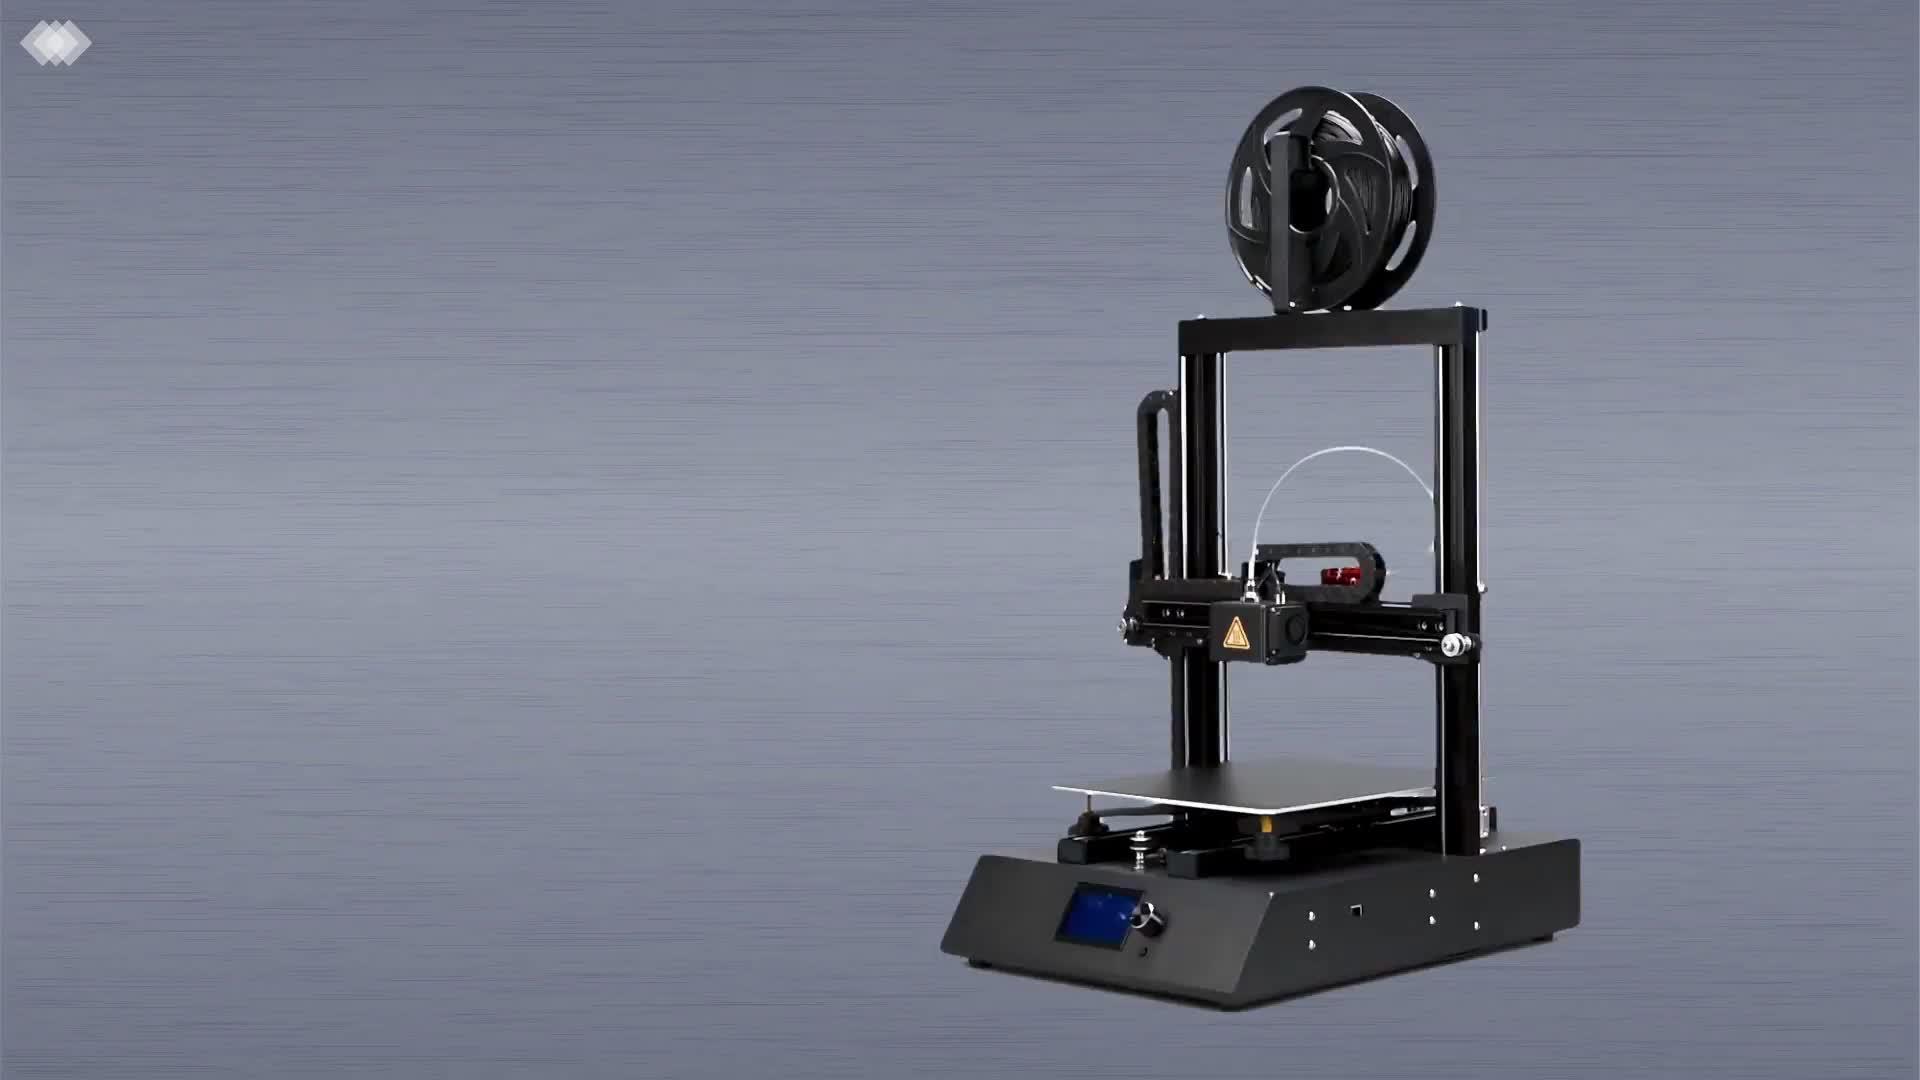 Ortur4 hoge precisie 3d printer kosteneffectieve Prusa i3 automatische niveauregeling FDM 3D Printer voor Onderwijs Mini 3d Printer